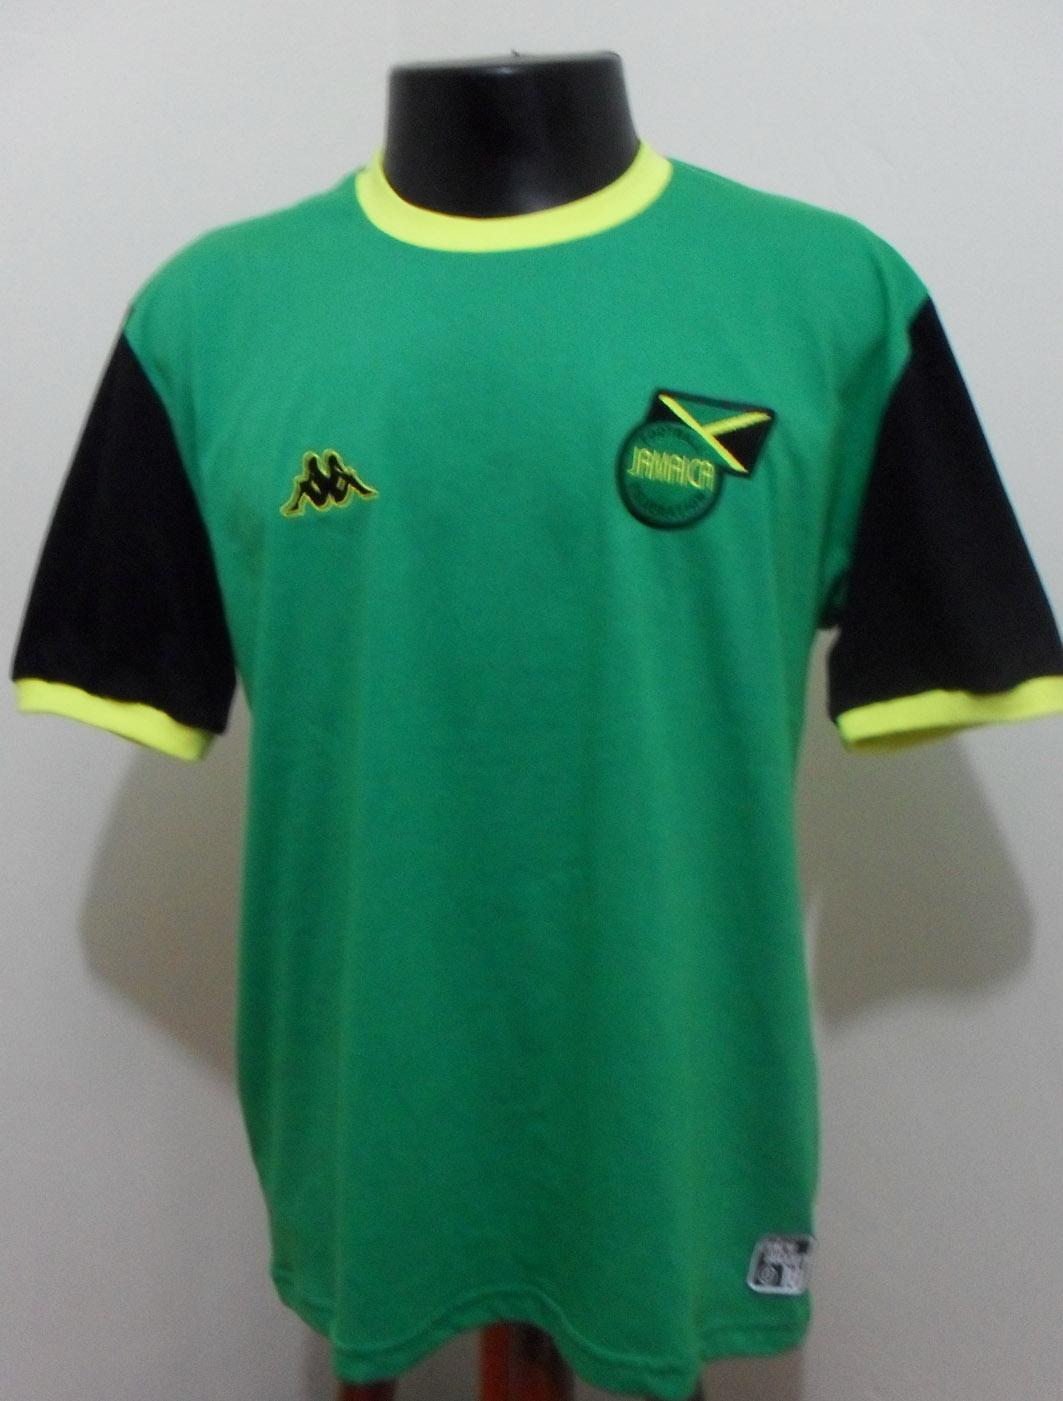 7766977fea Camisas de futebol retro  Camisa Seleção Jamaica